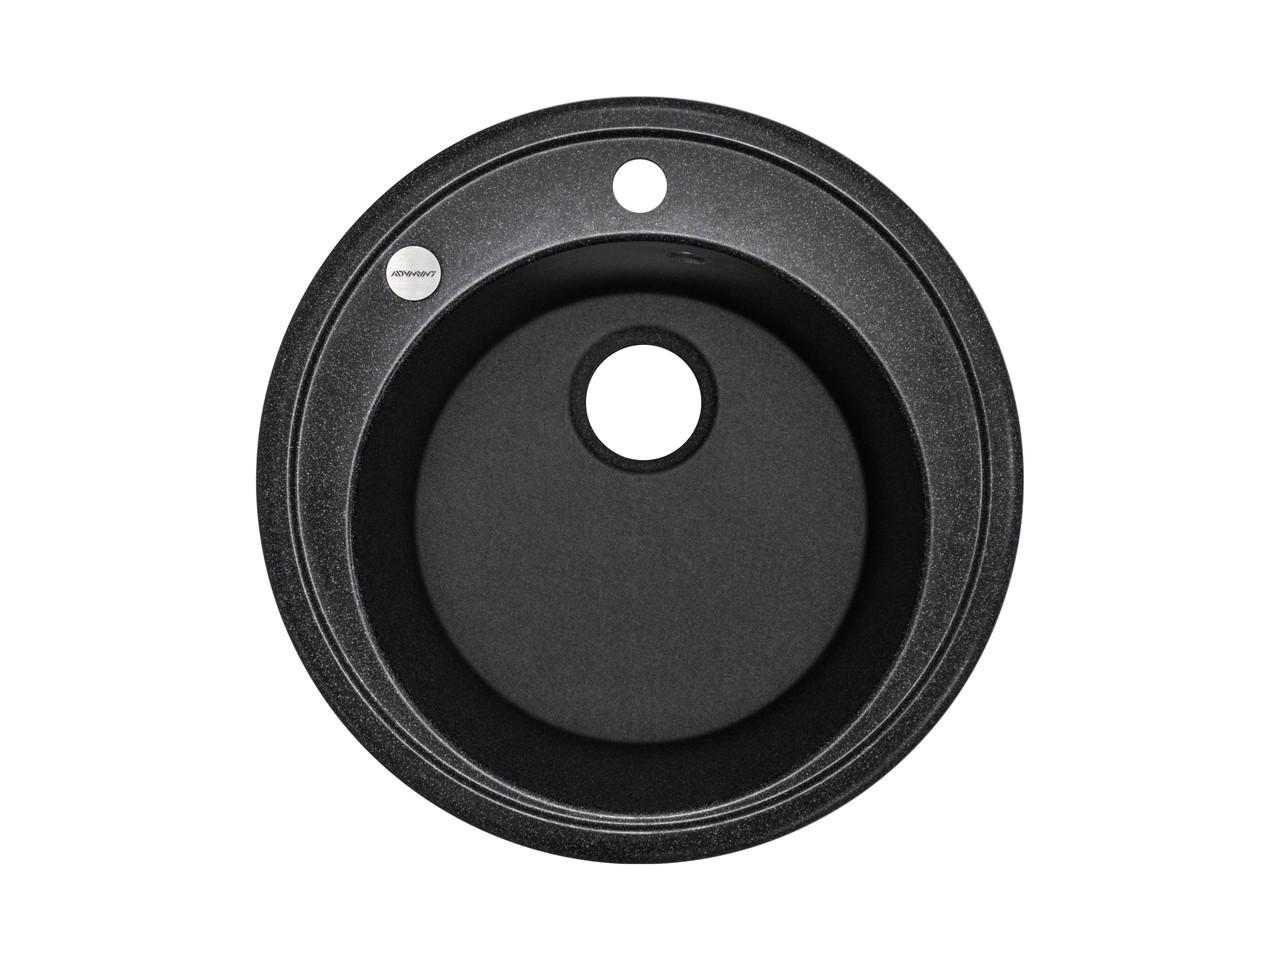 Kernau KGS T 51 1B BLACK METALLIC мойка черная круглая 51 см